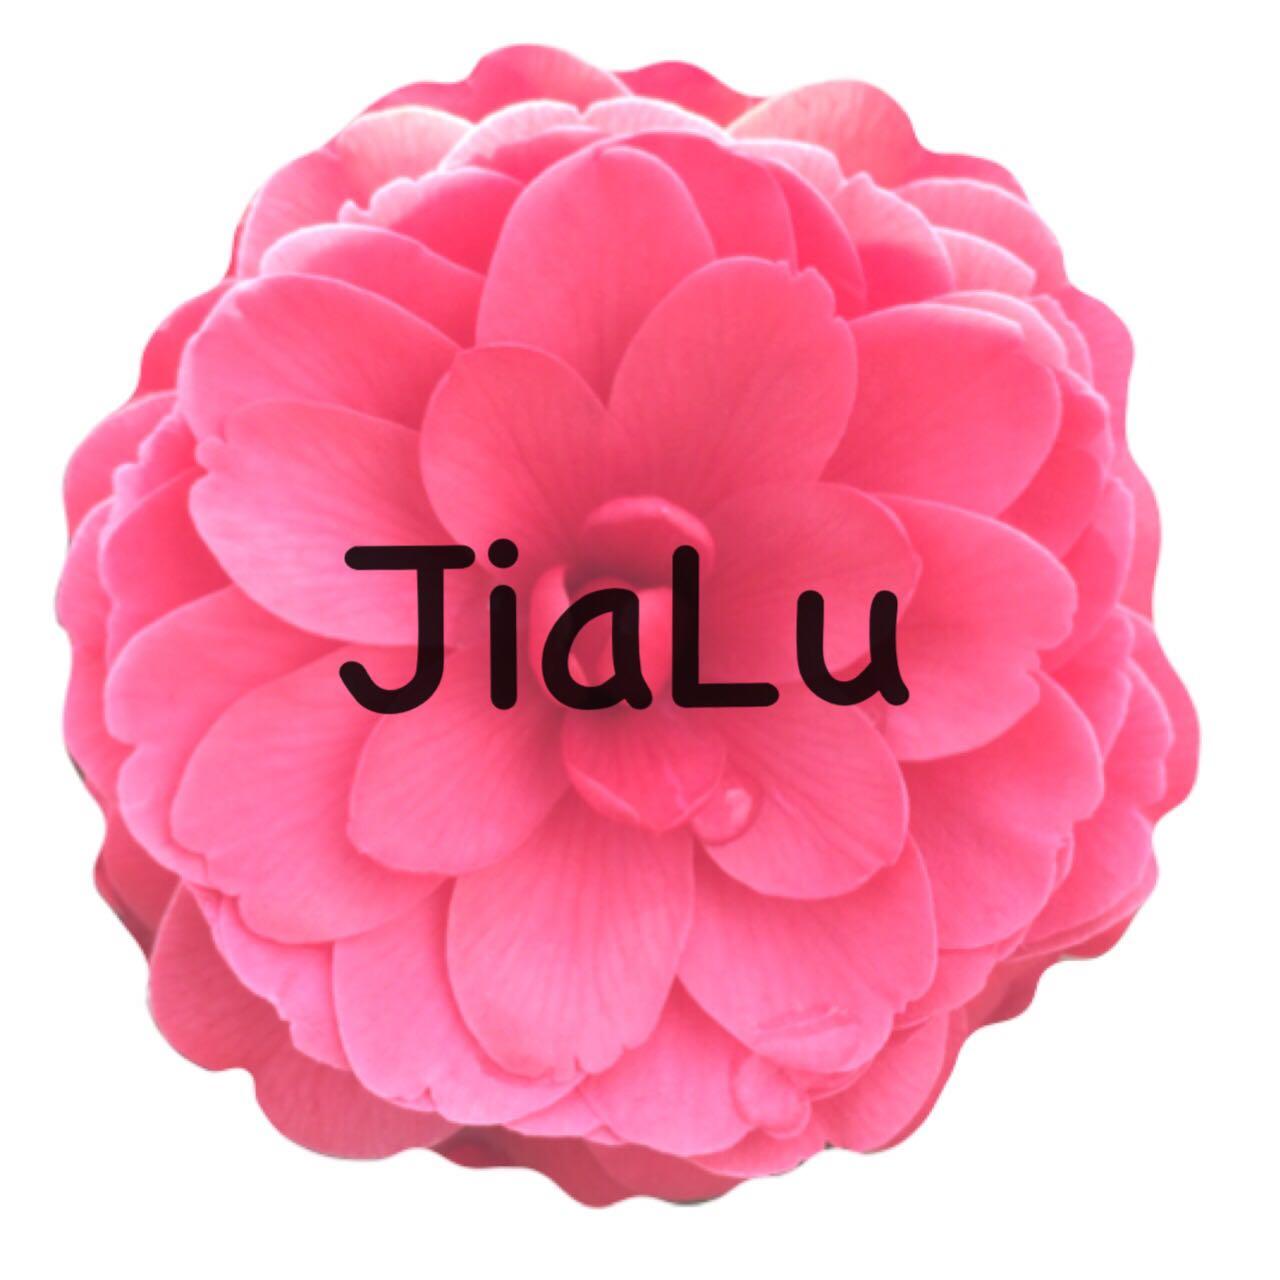 jialu_